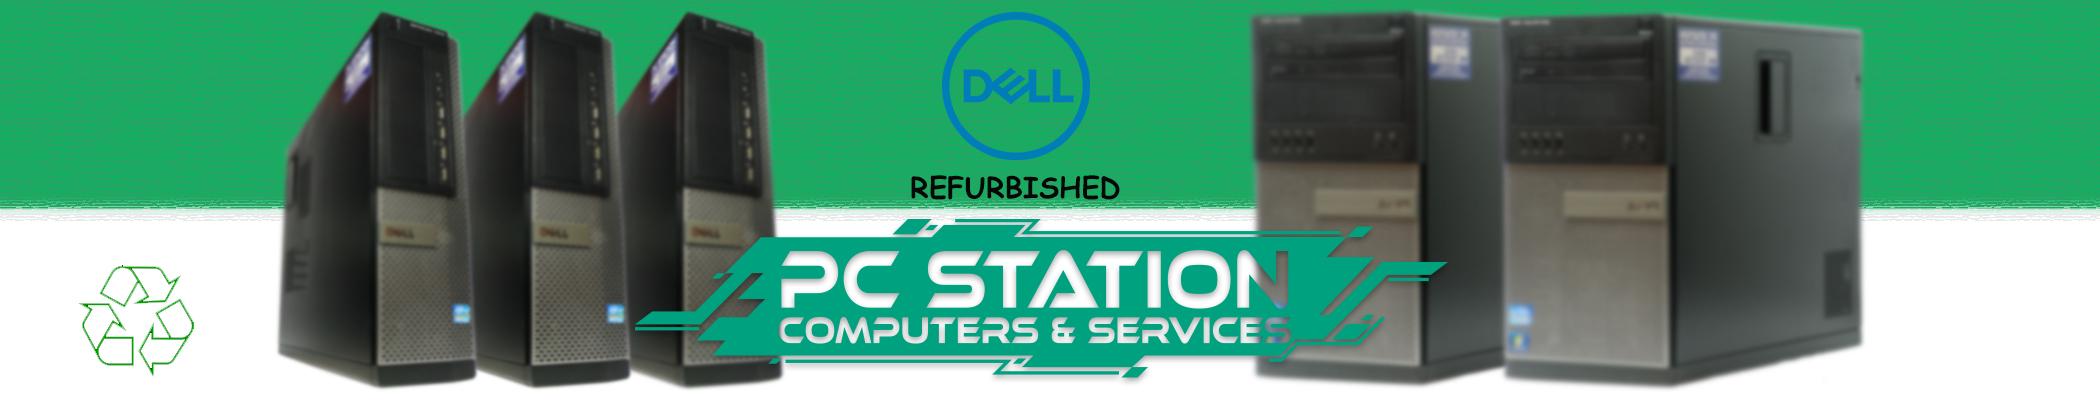 REFURBISH COMPUTERS